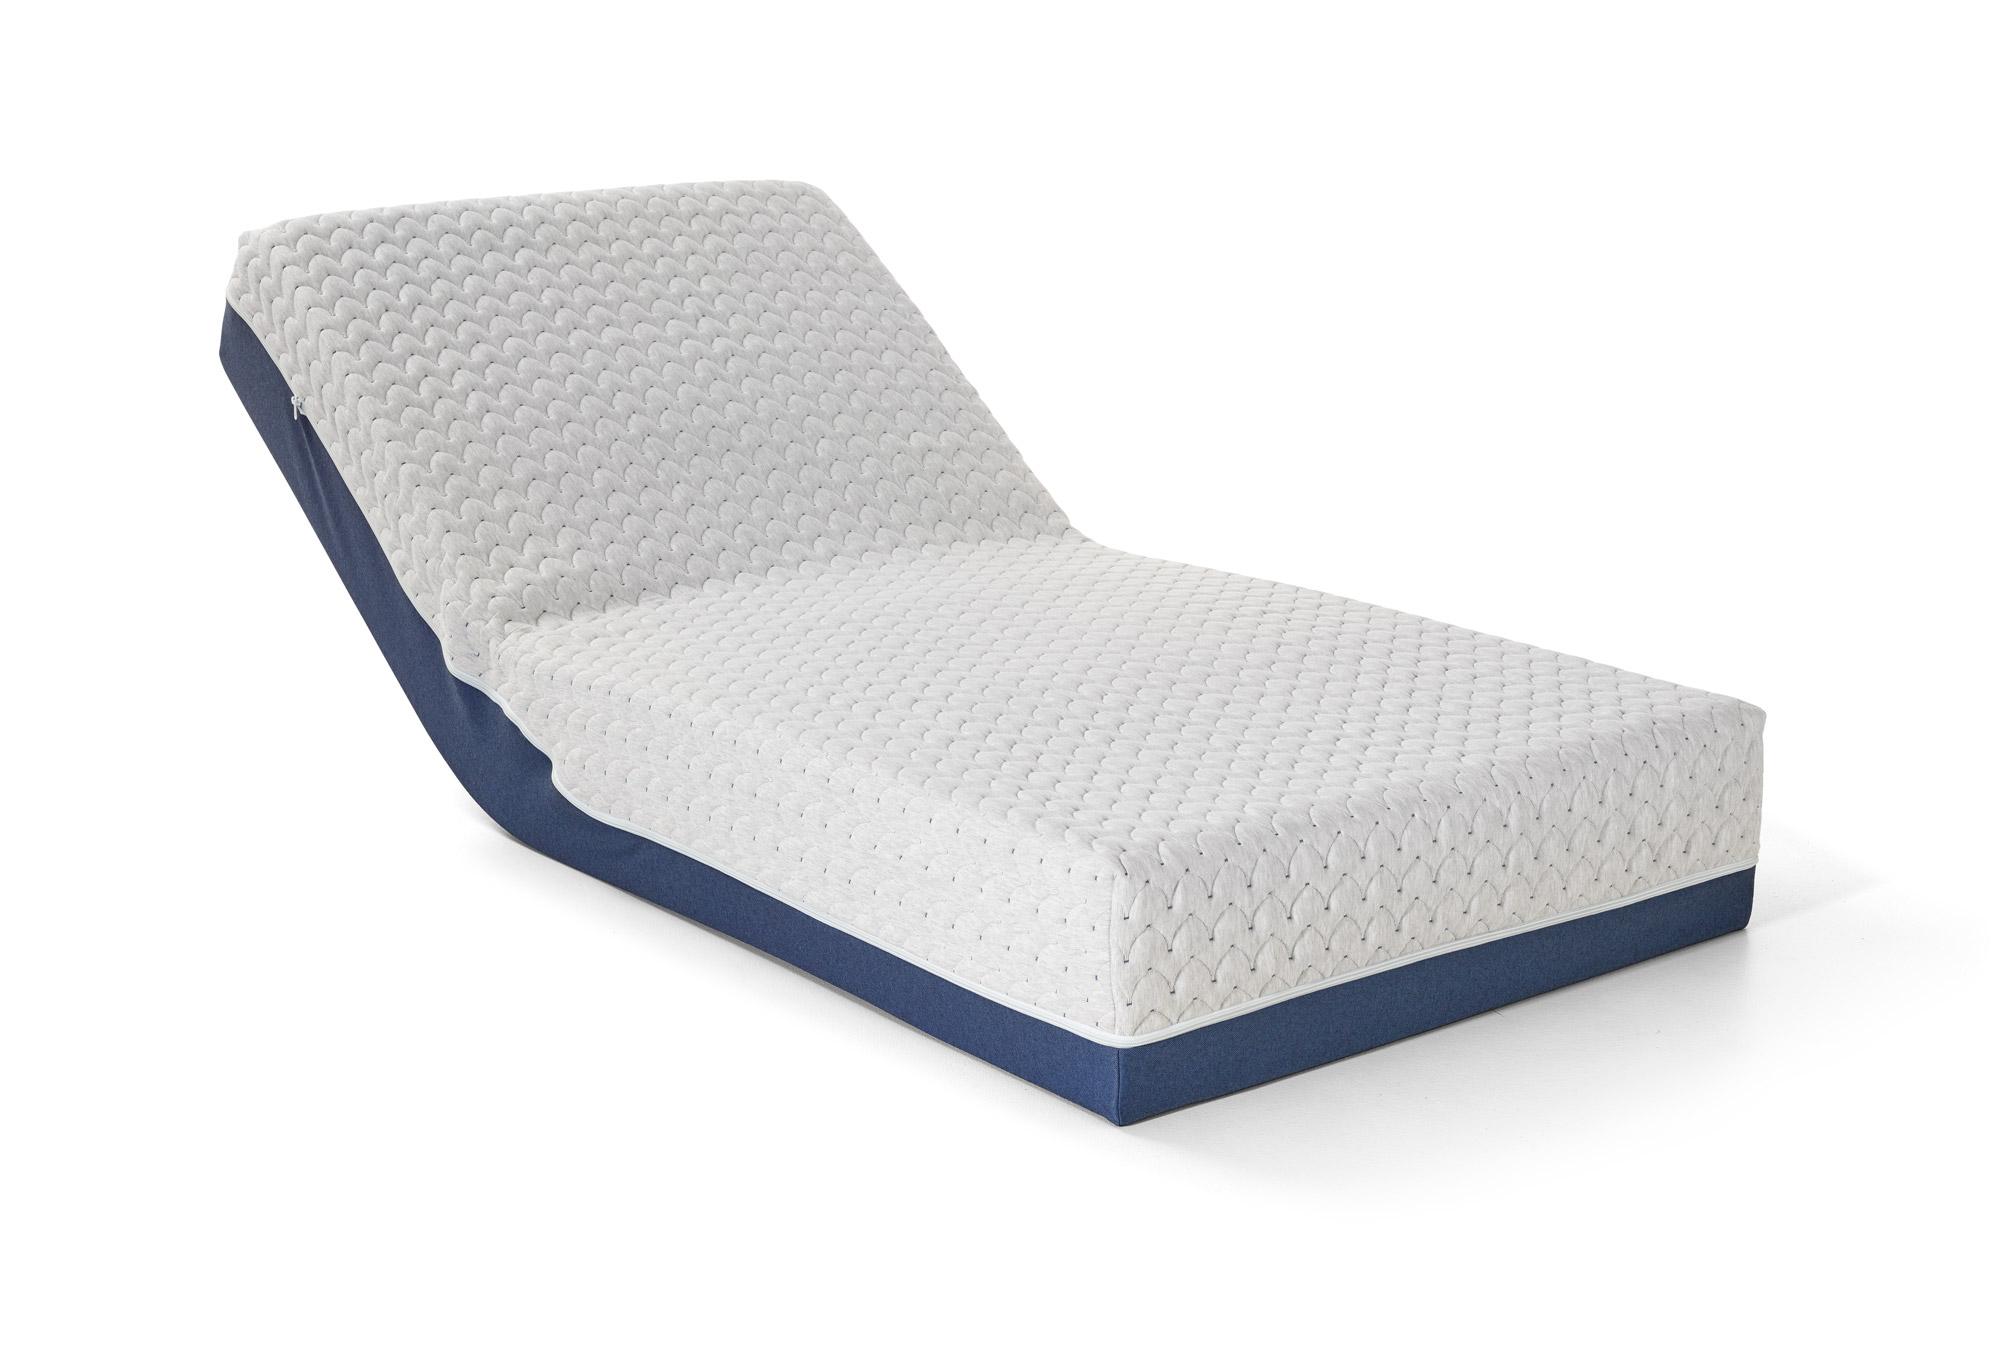 E-mattress HF matras kern | Swiss Sense